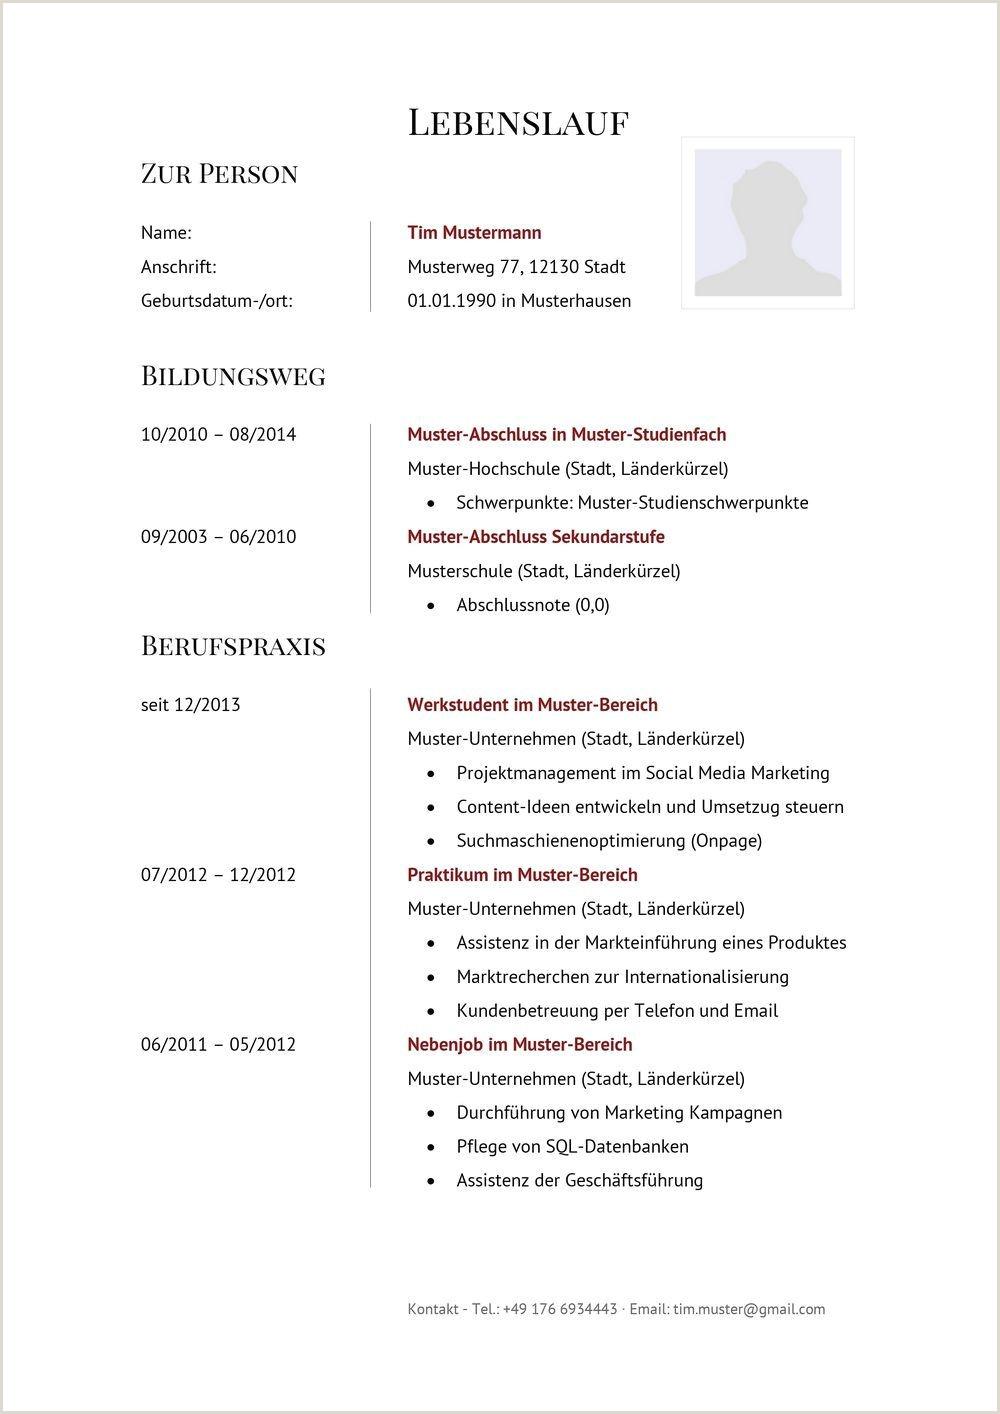 Lebenslauf Muster Tabelle Tabellarischer Lebenslauf – Muster Vorlagen